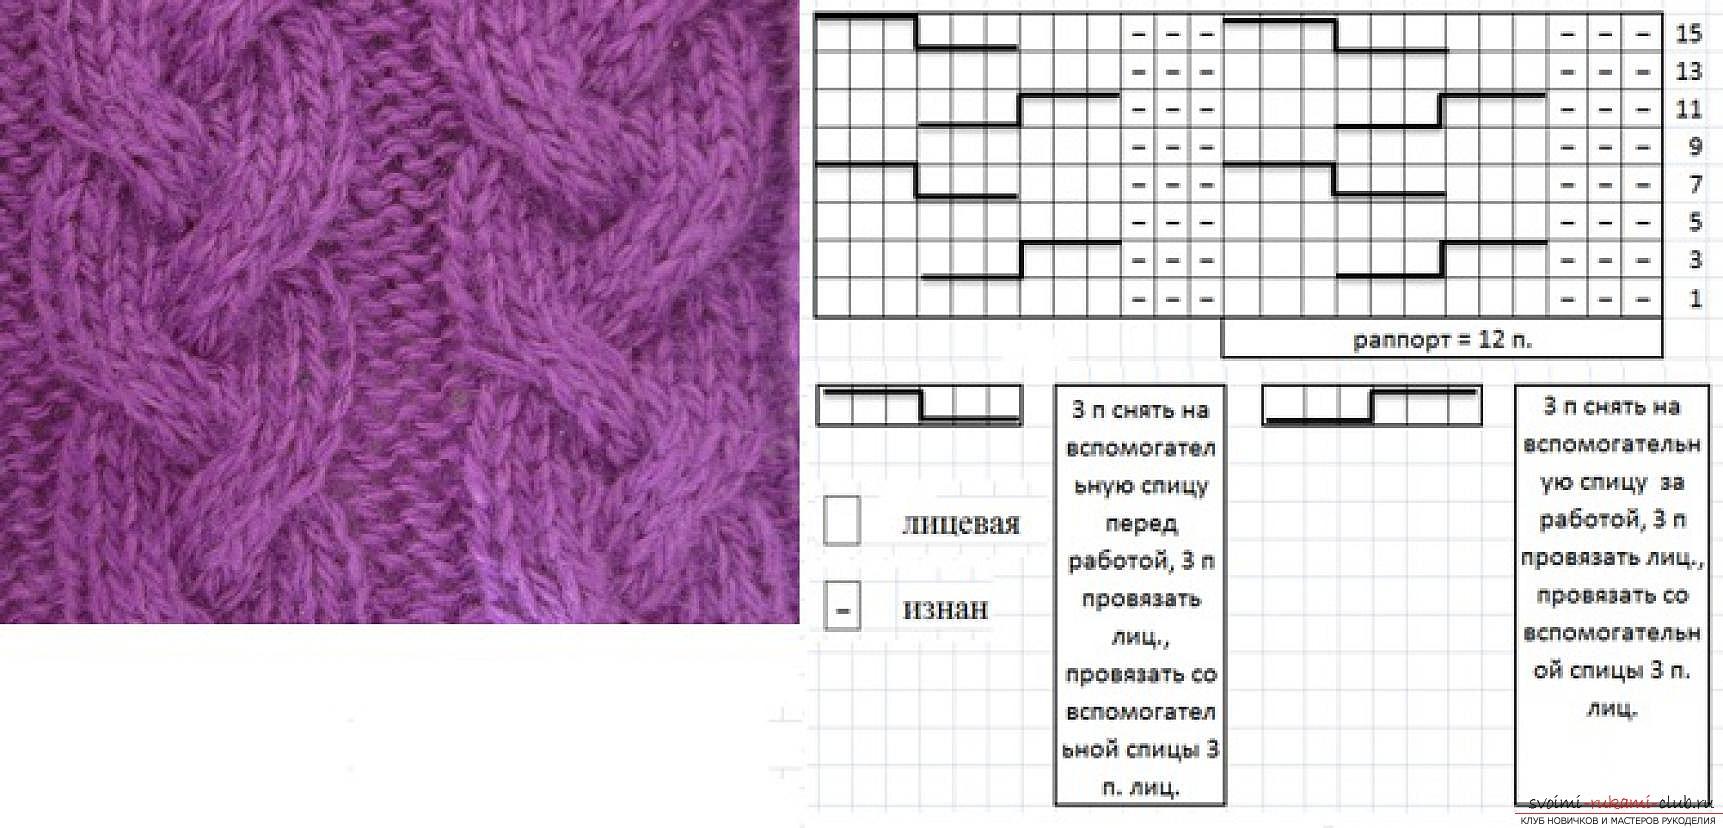 Узоры из кос для вязания спицами схемы 20 фотография